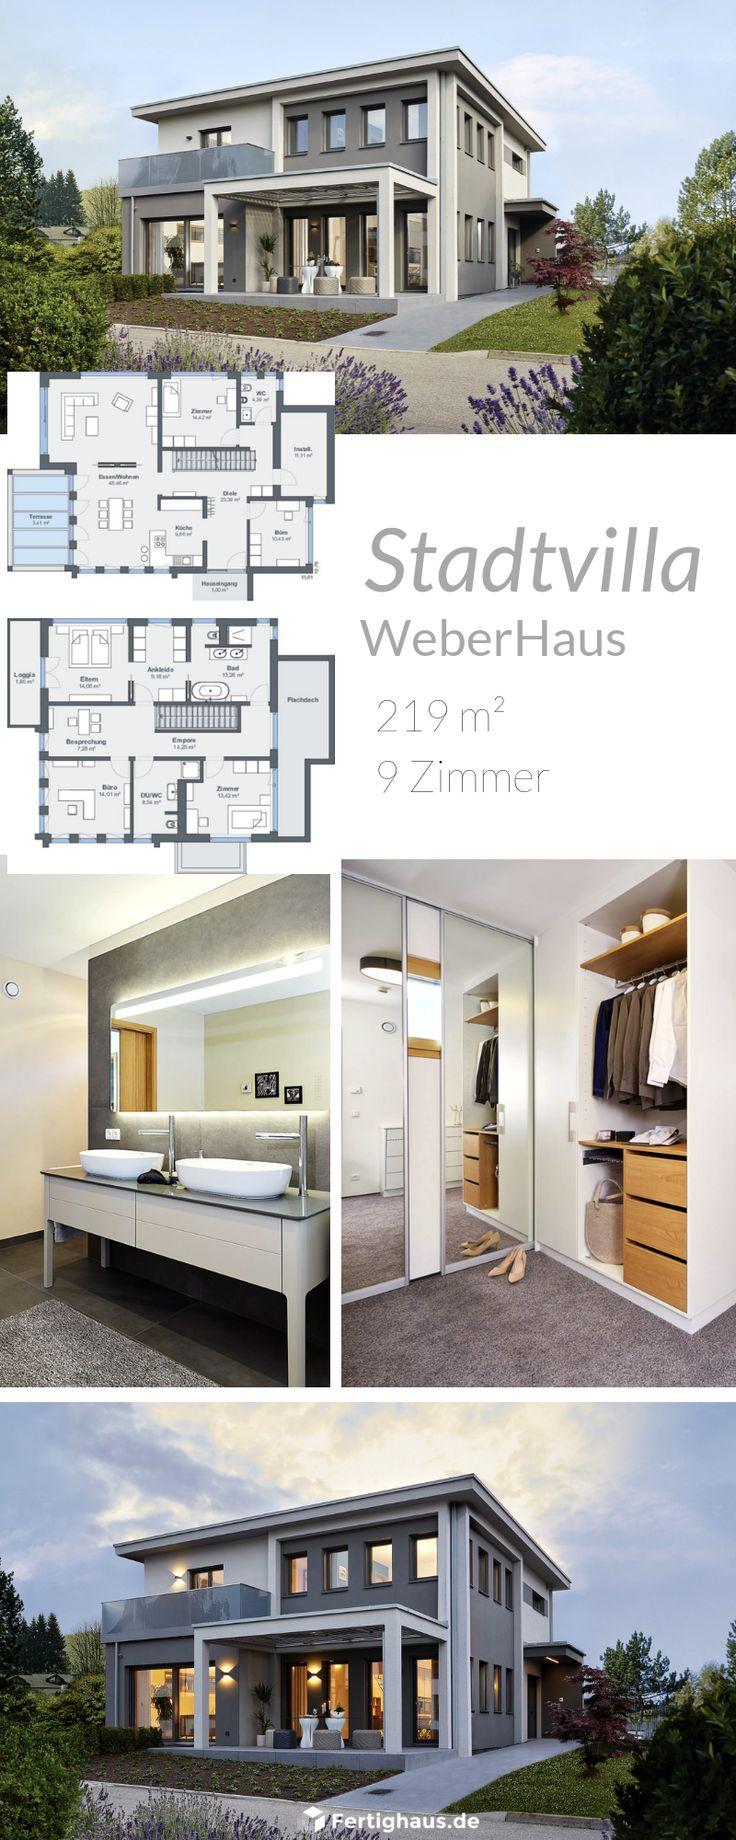 Eine moderne Stadtvilla mit klaren Linien von WeberHaus   Alle Infos zum Haus mit einem Klick auf das Bild erhalten. – Fertighaus.de   überdachte Ter…